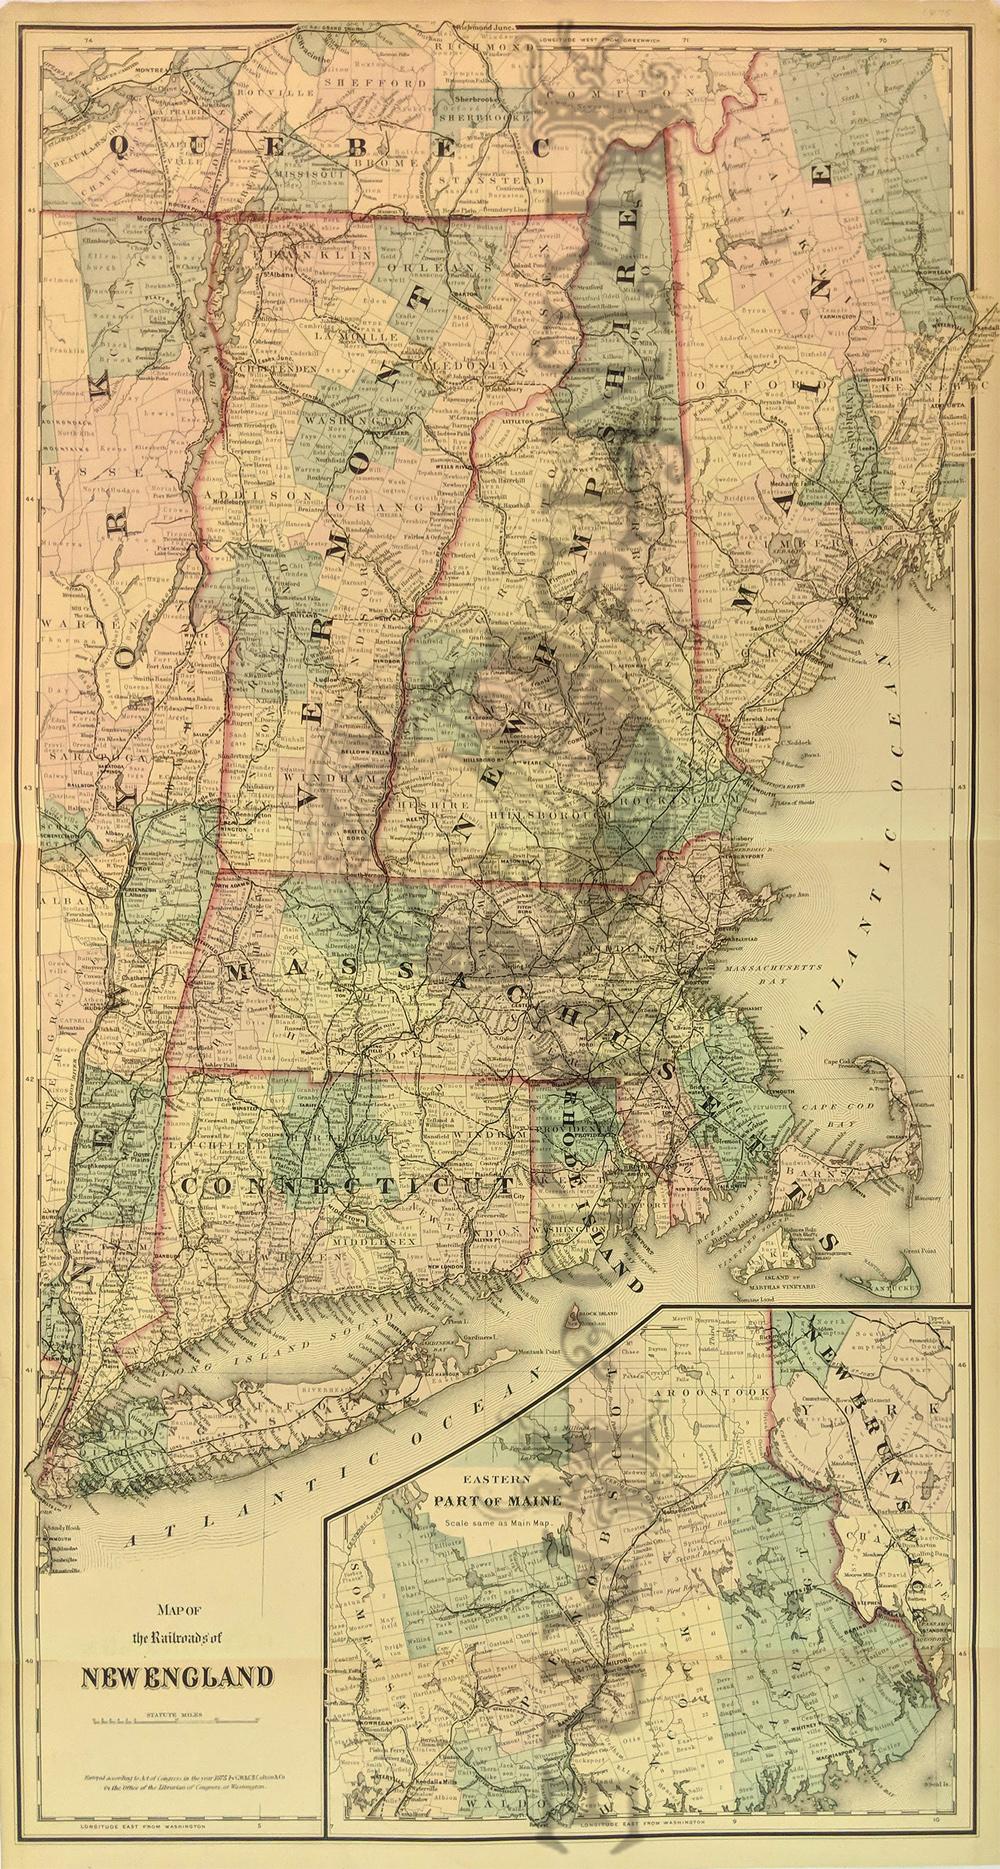 Prints Old & Rare - Maine - Antique Maps & Prints